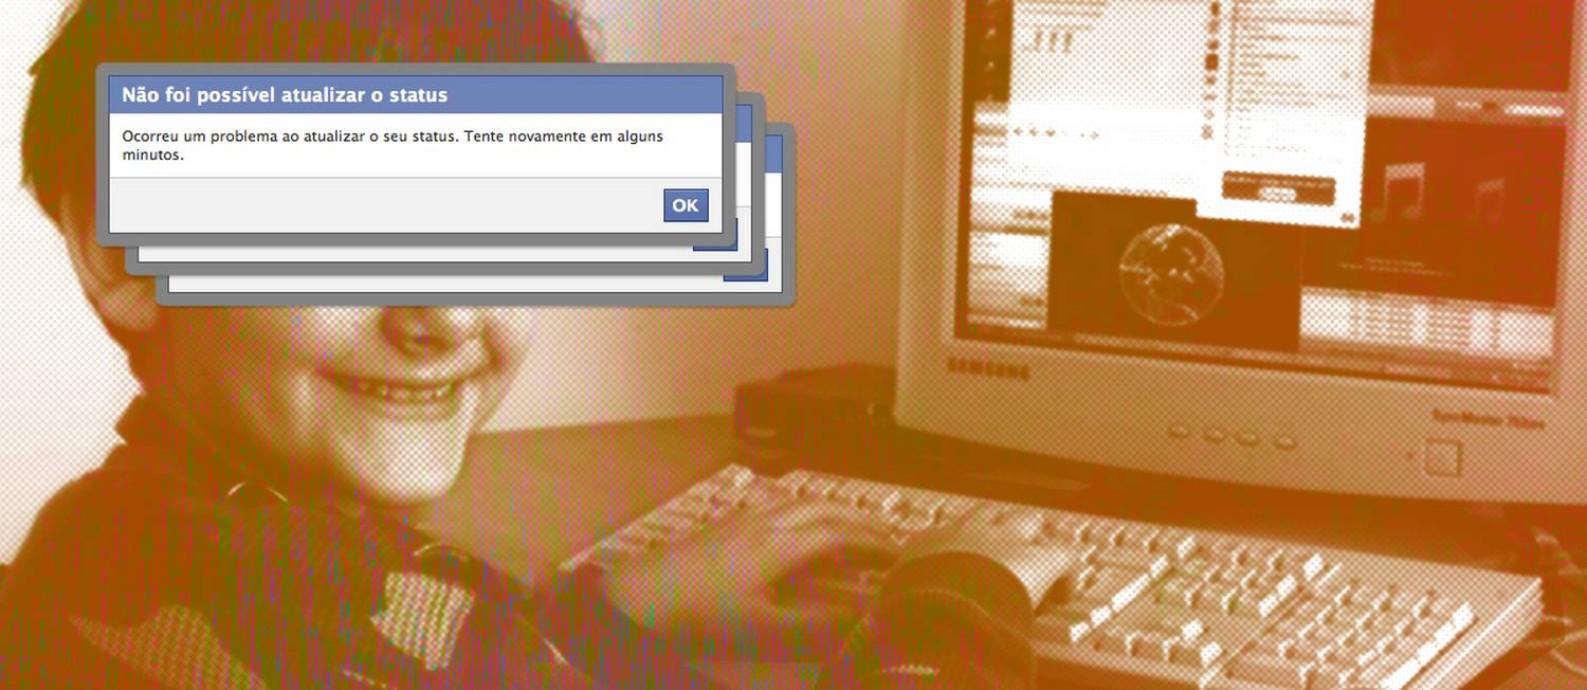 Jovens se reúnem em locais que propagam discurso de ódio na internet, mesmo nas grandes redes sociais Foto: ÉPOCA